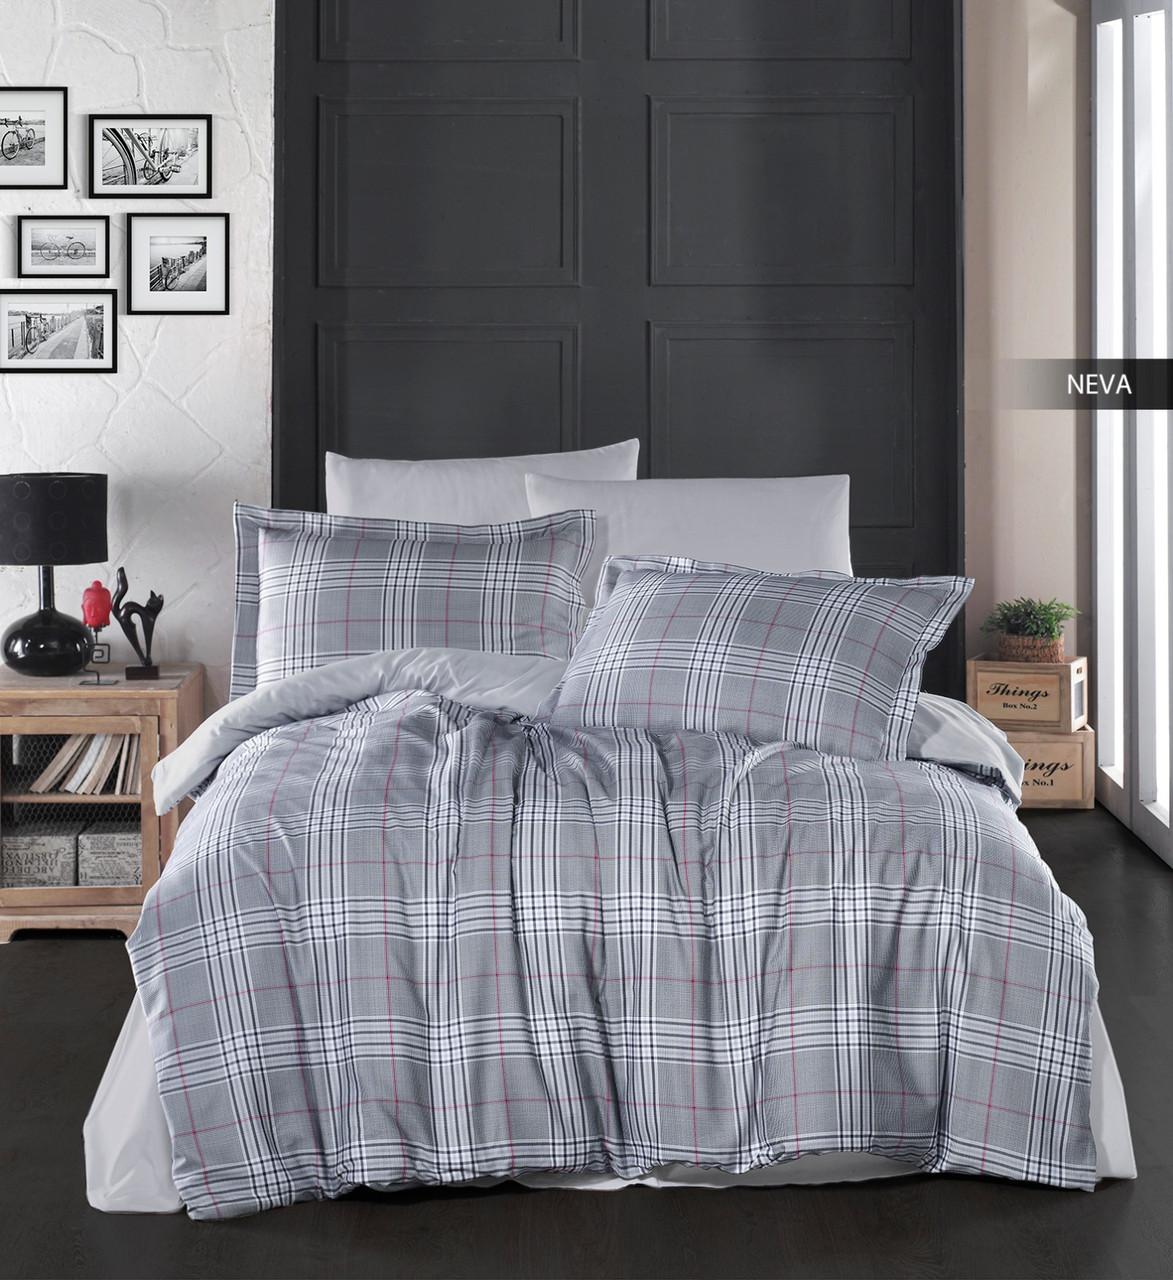 Комплект постельного белья Ecosse Сатин 200х220 Neva